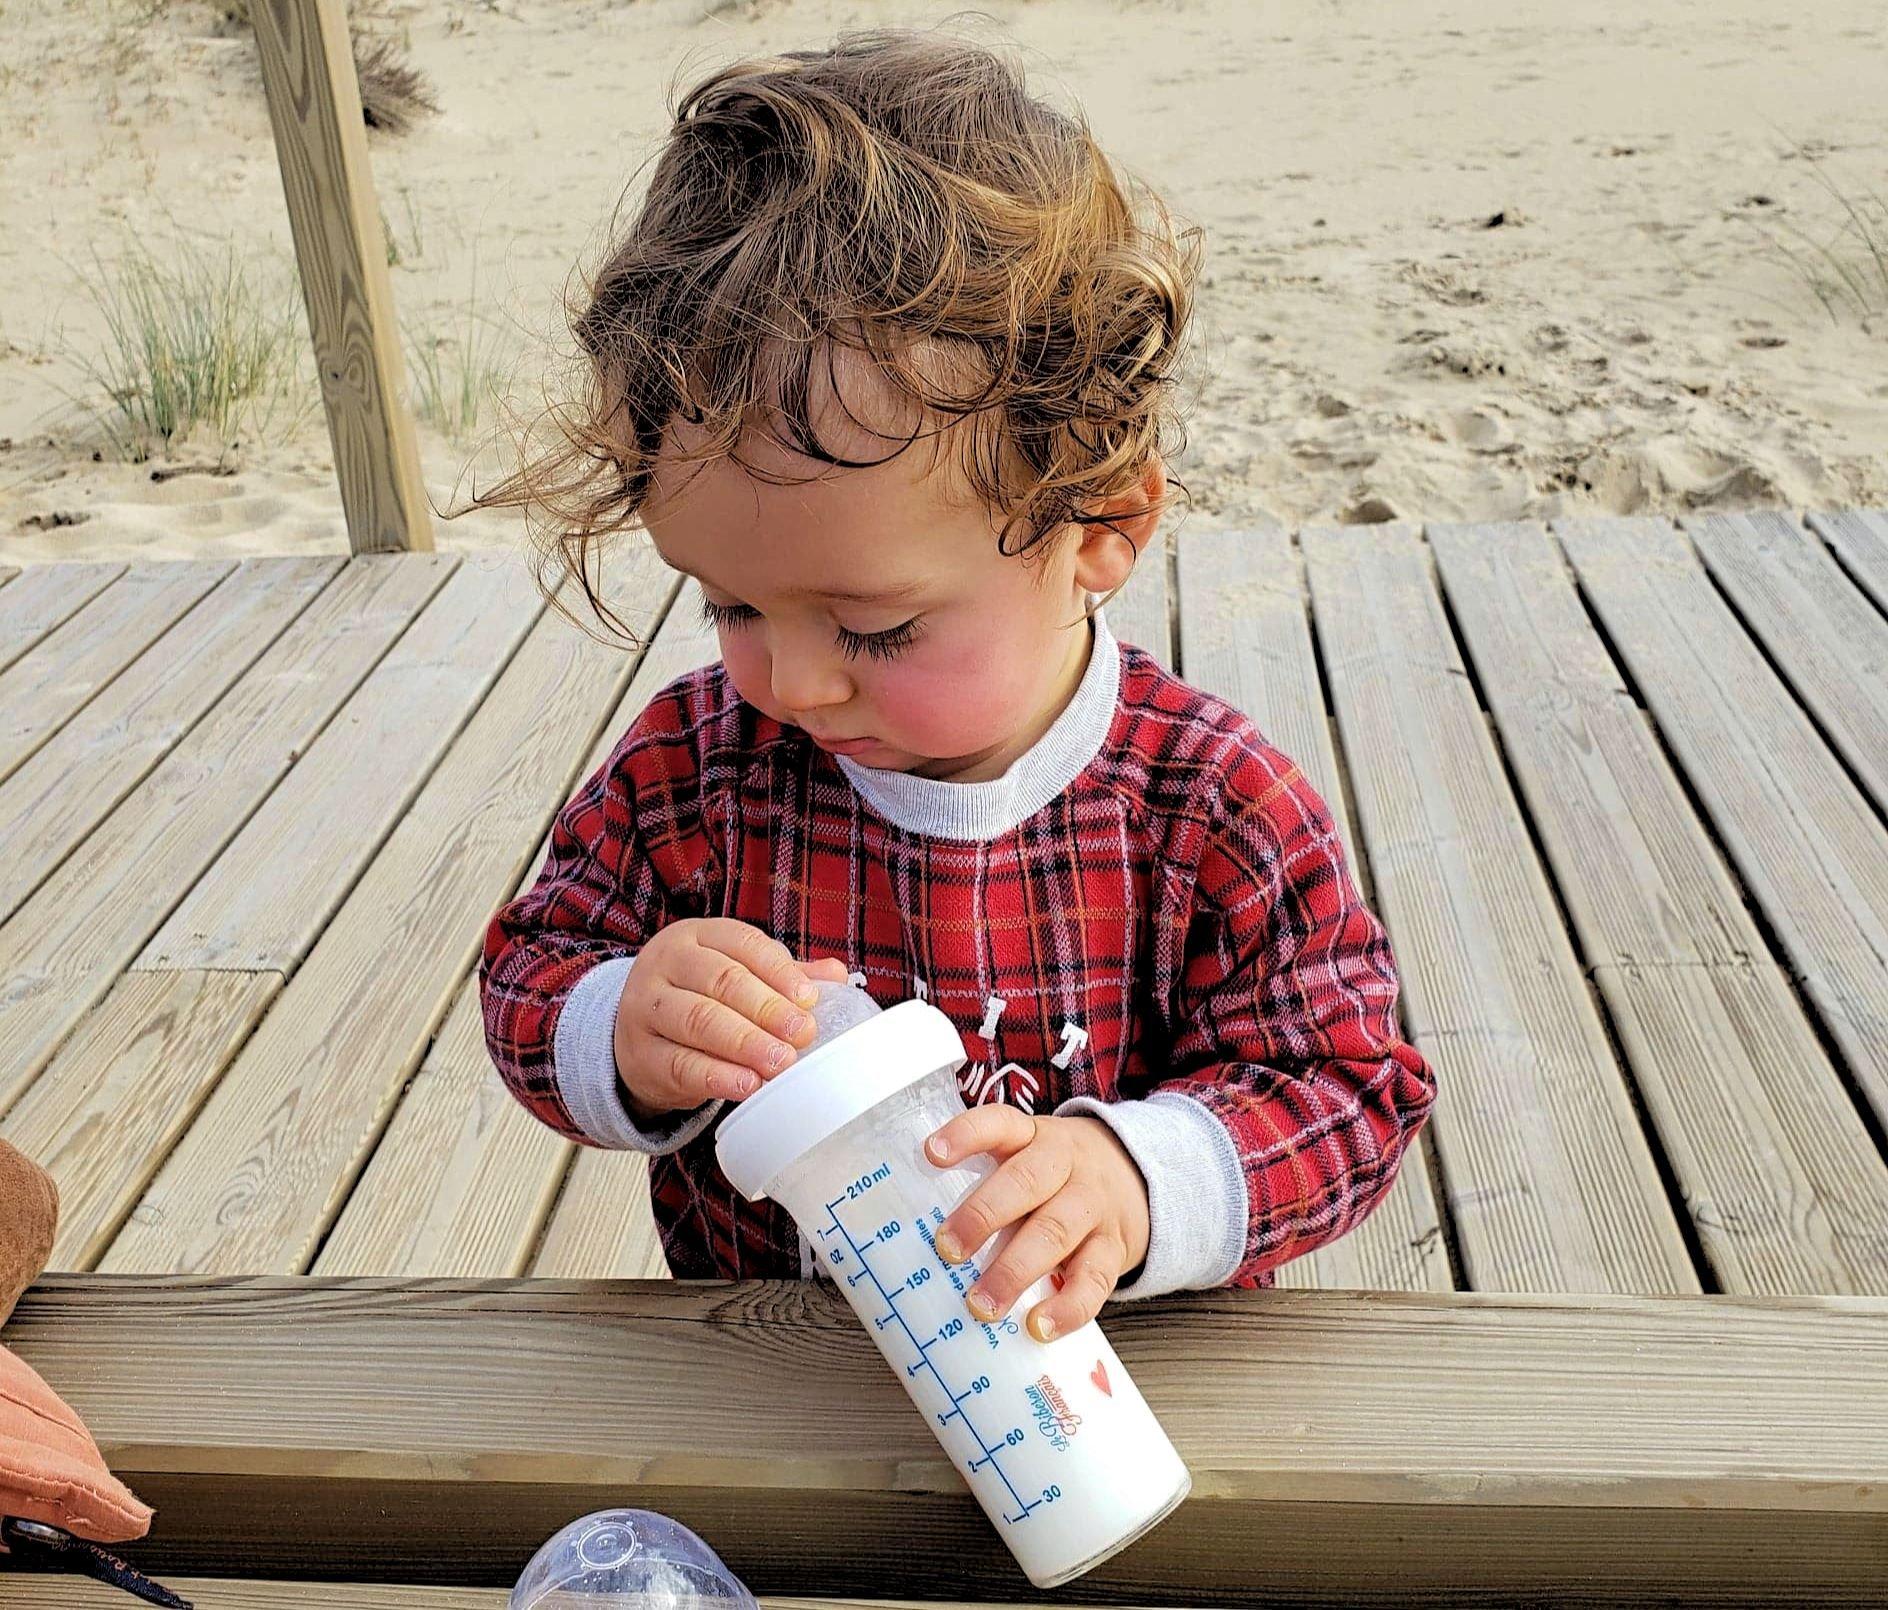 Premibio test du lait de chèvre infantile